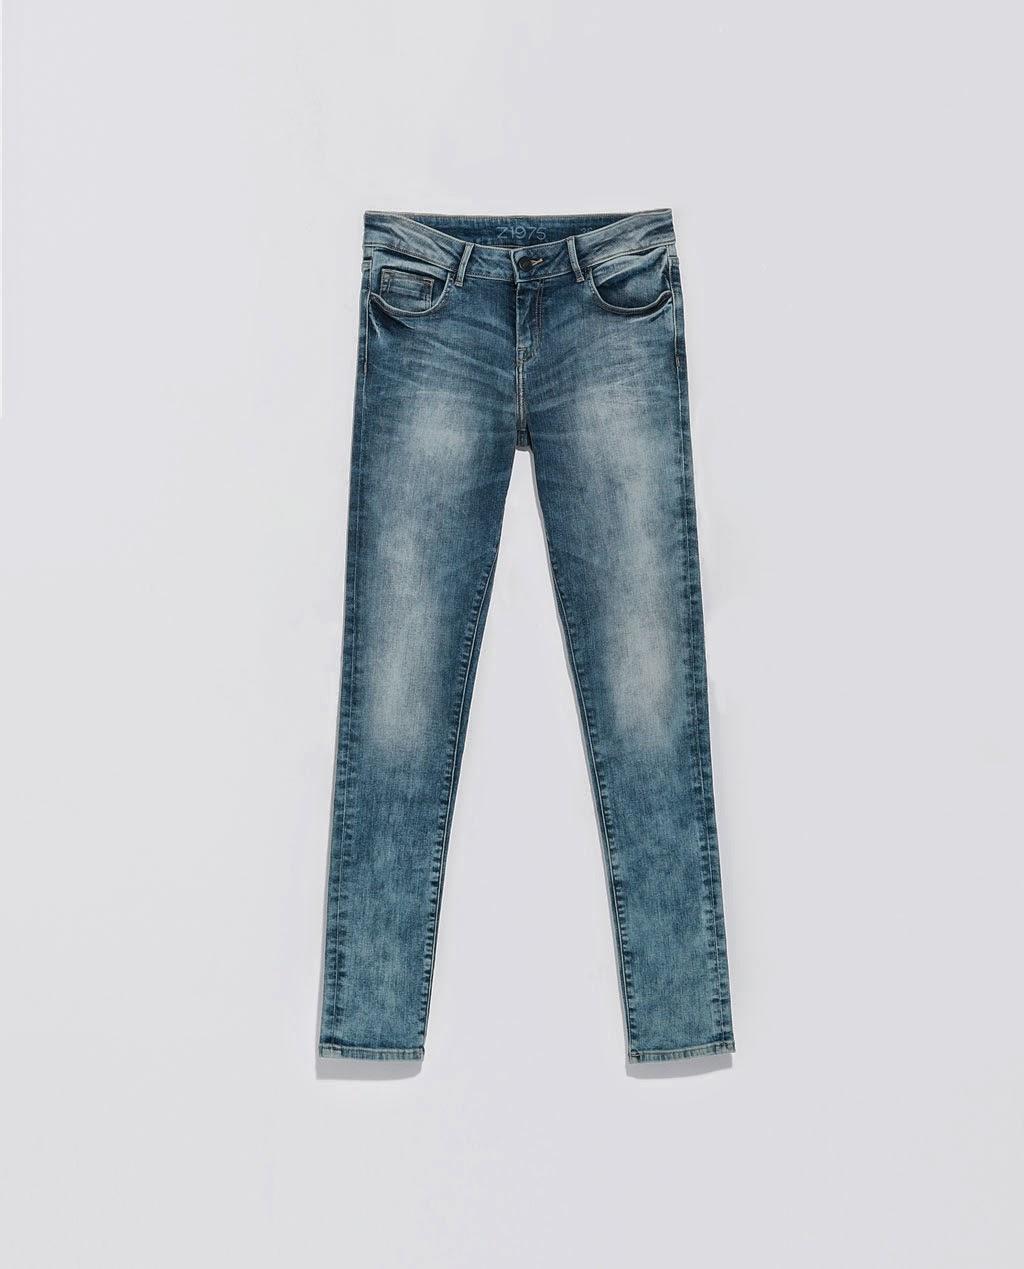 Jeans, Zara, skinny, fashion style, street style